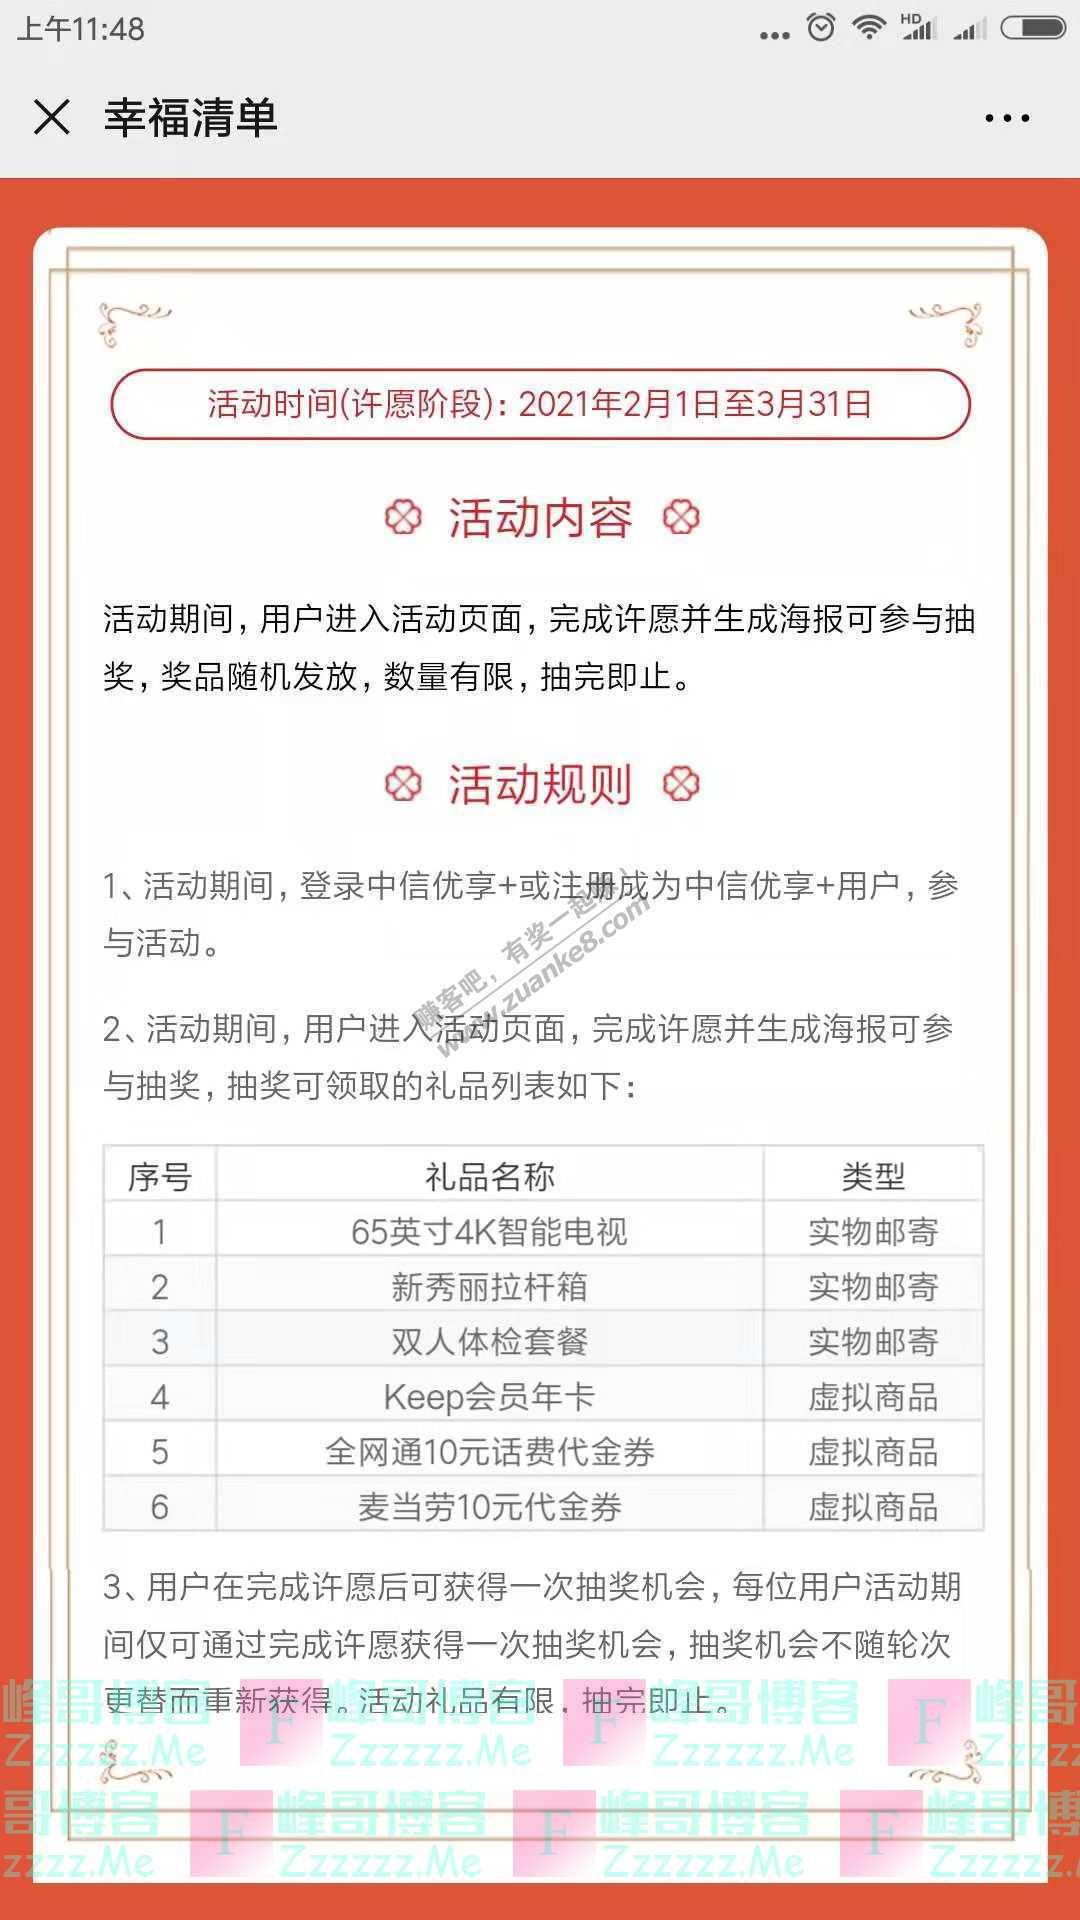 中信银行xing/用卡许新年愿望,赢65寸4K电视(截止3月31日)